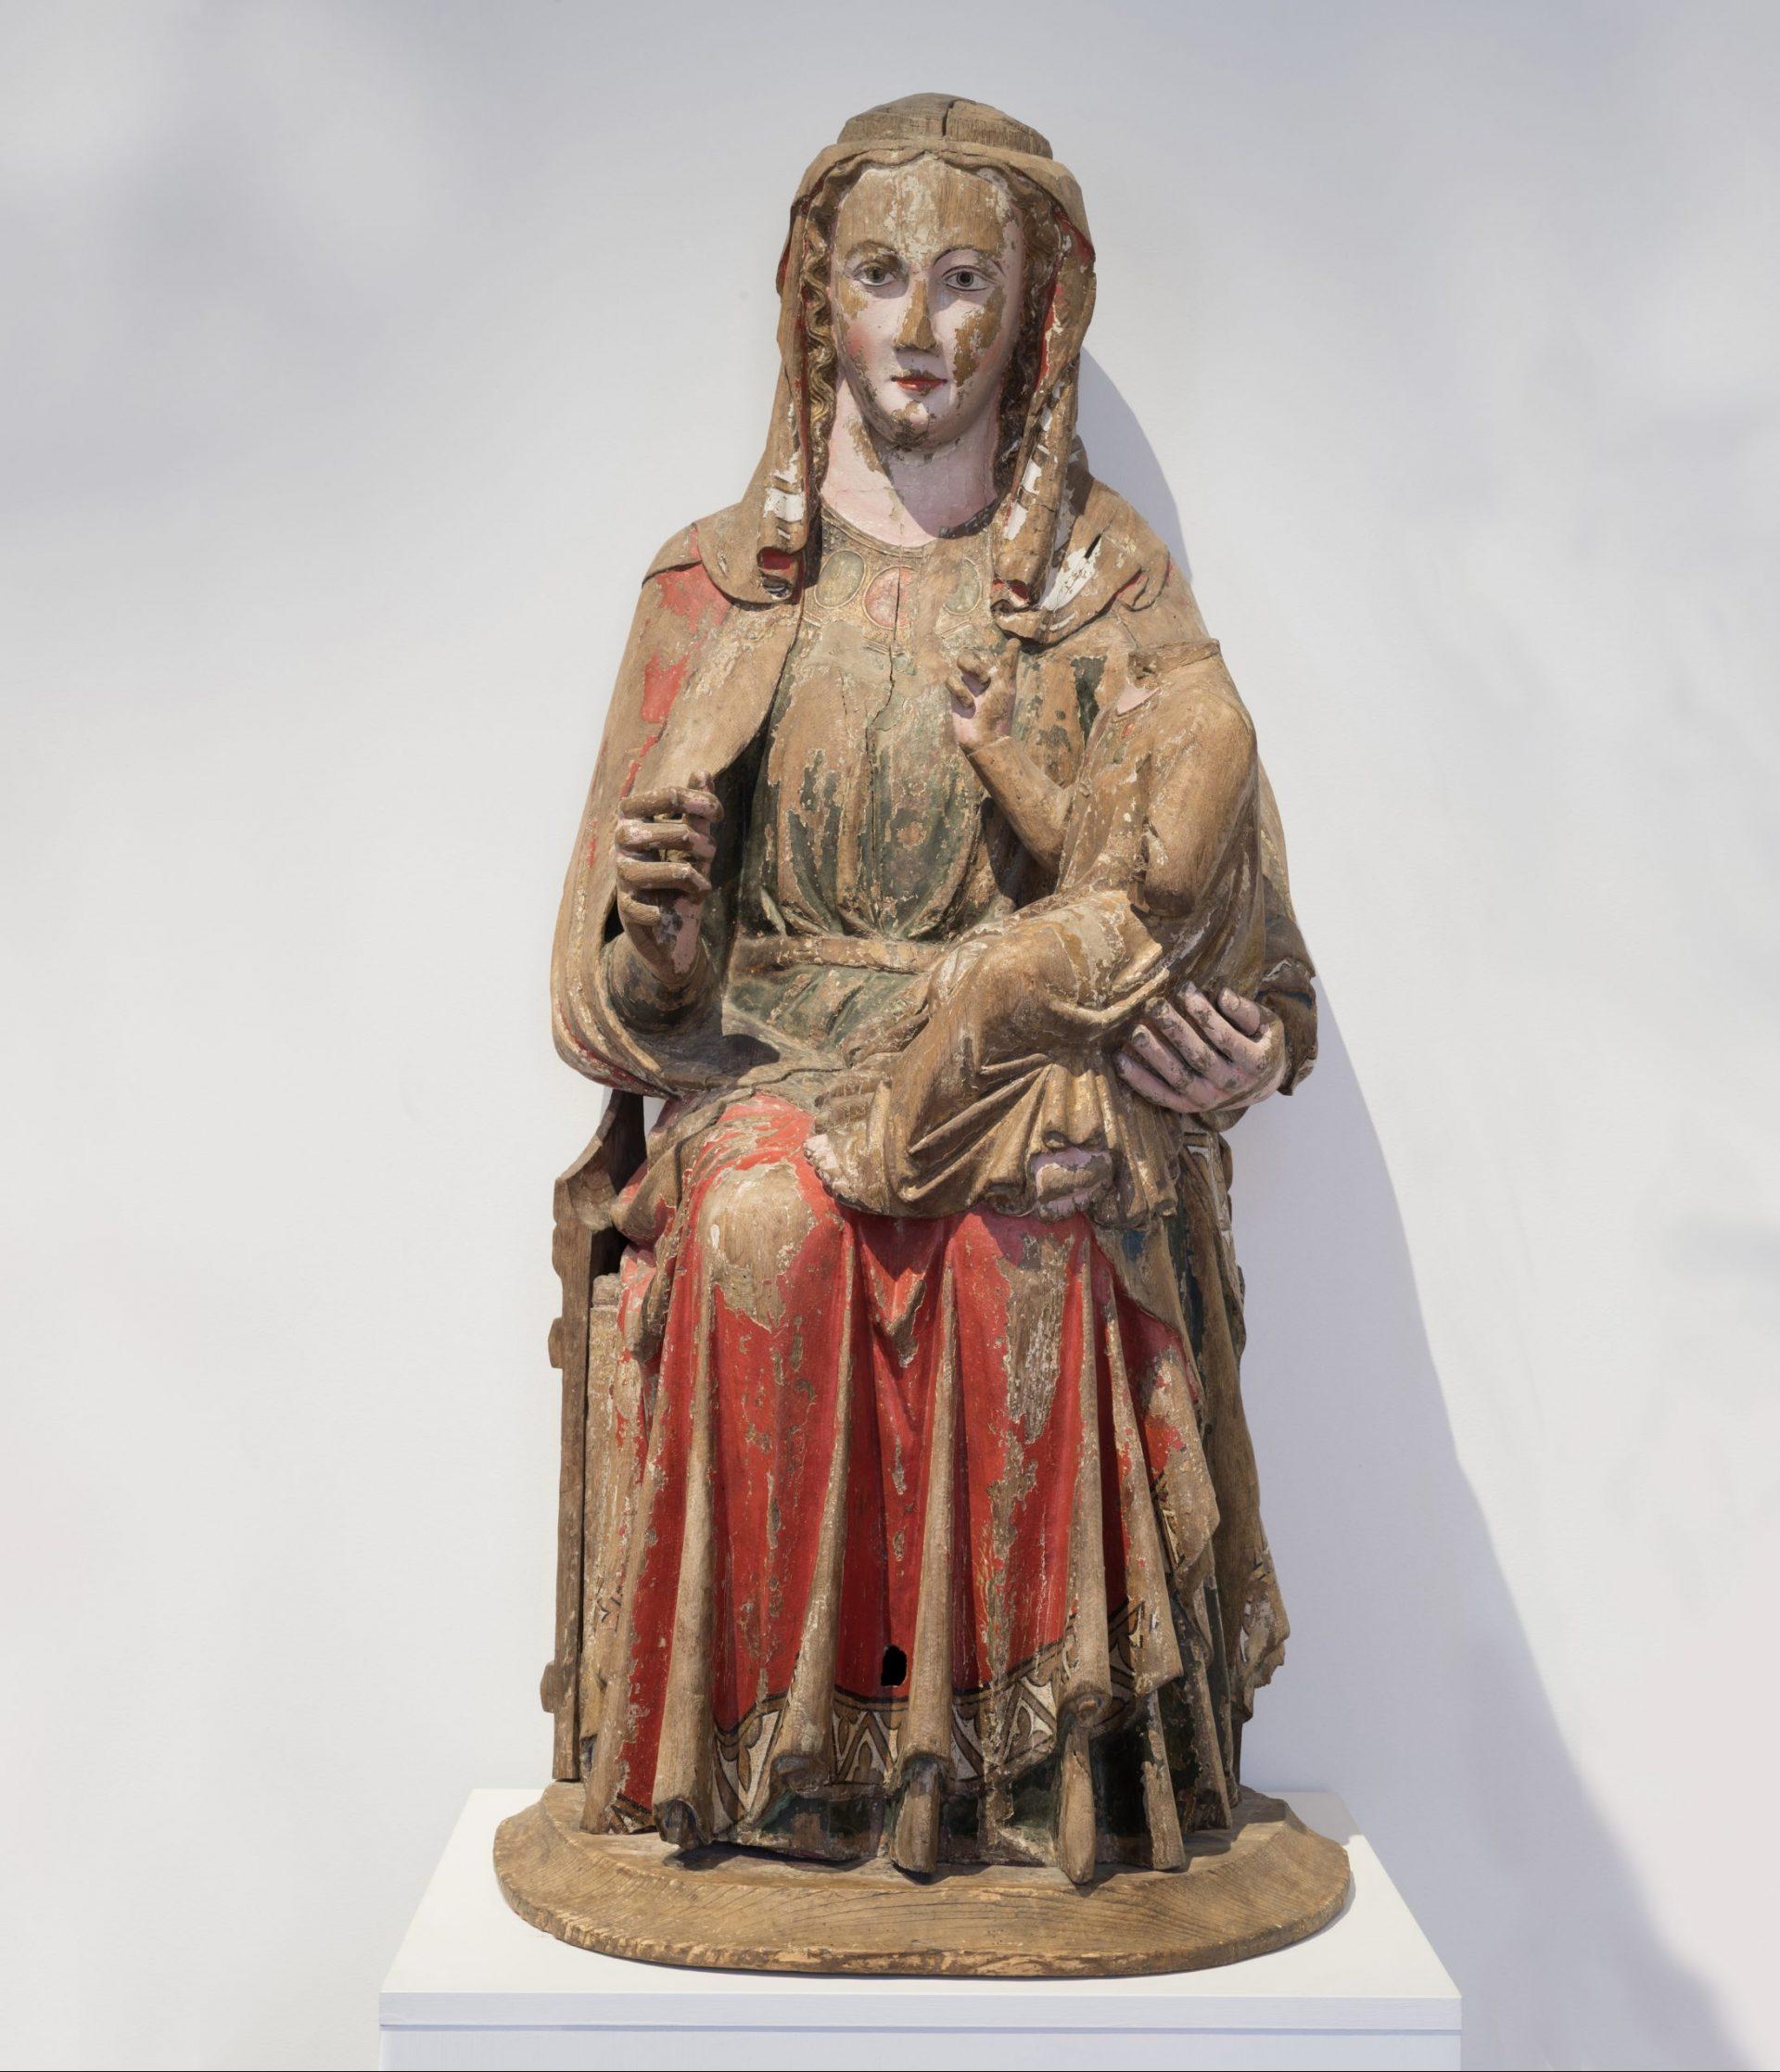 En staty föreställande jungfru Maria.